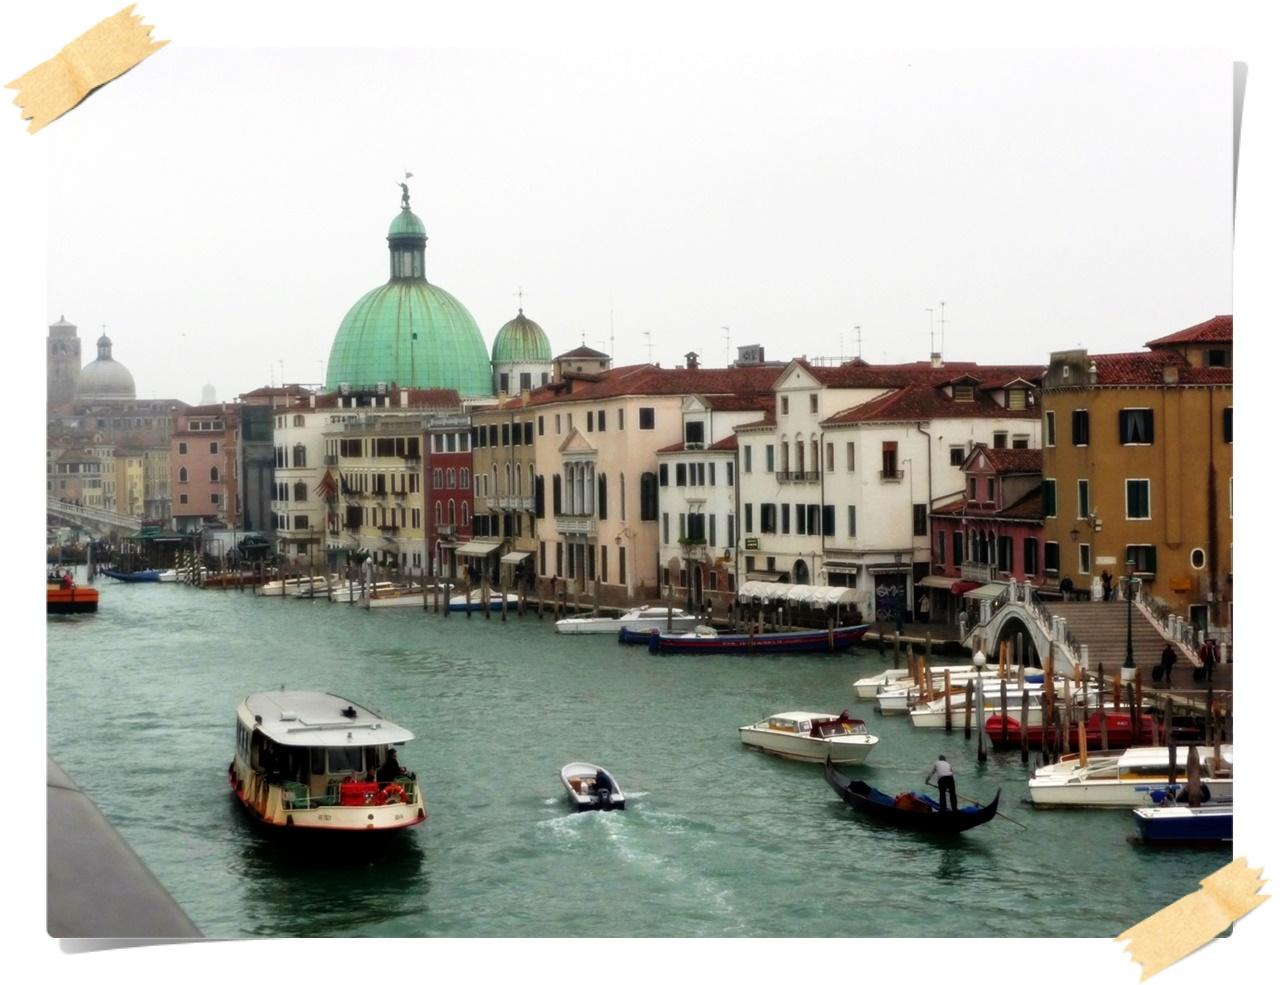 照片回顾 2009/11 意大利 day 8:威尼斯 圣马克广场 叹息桥 里奥托桥